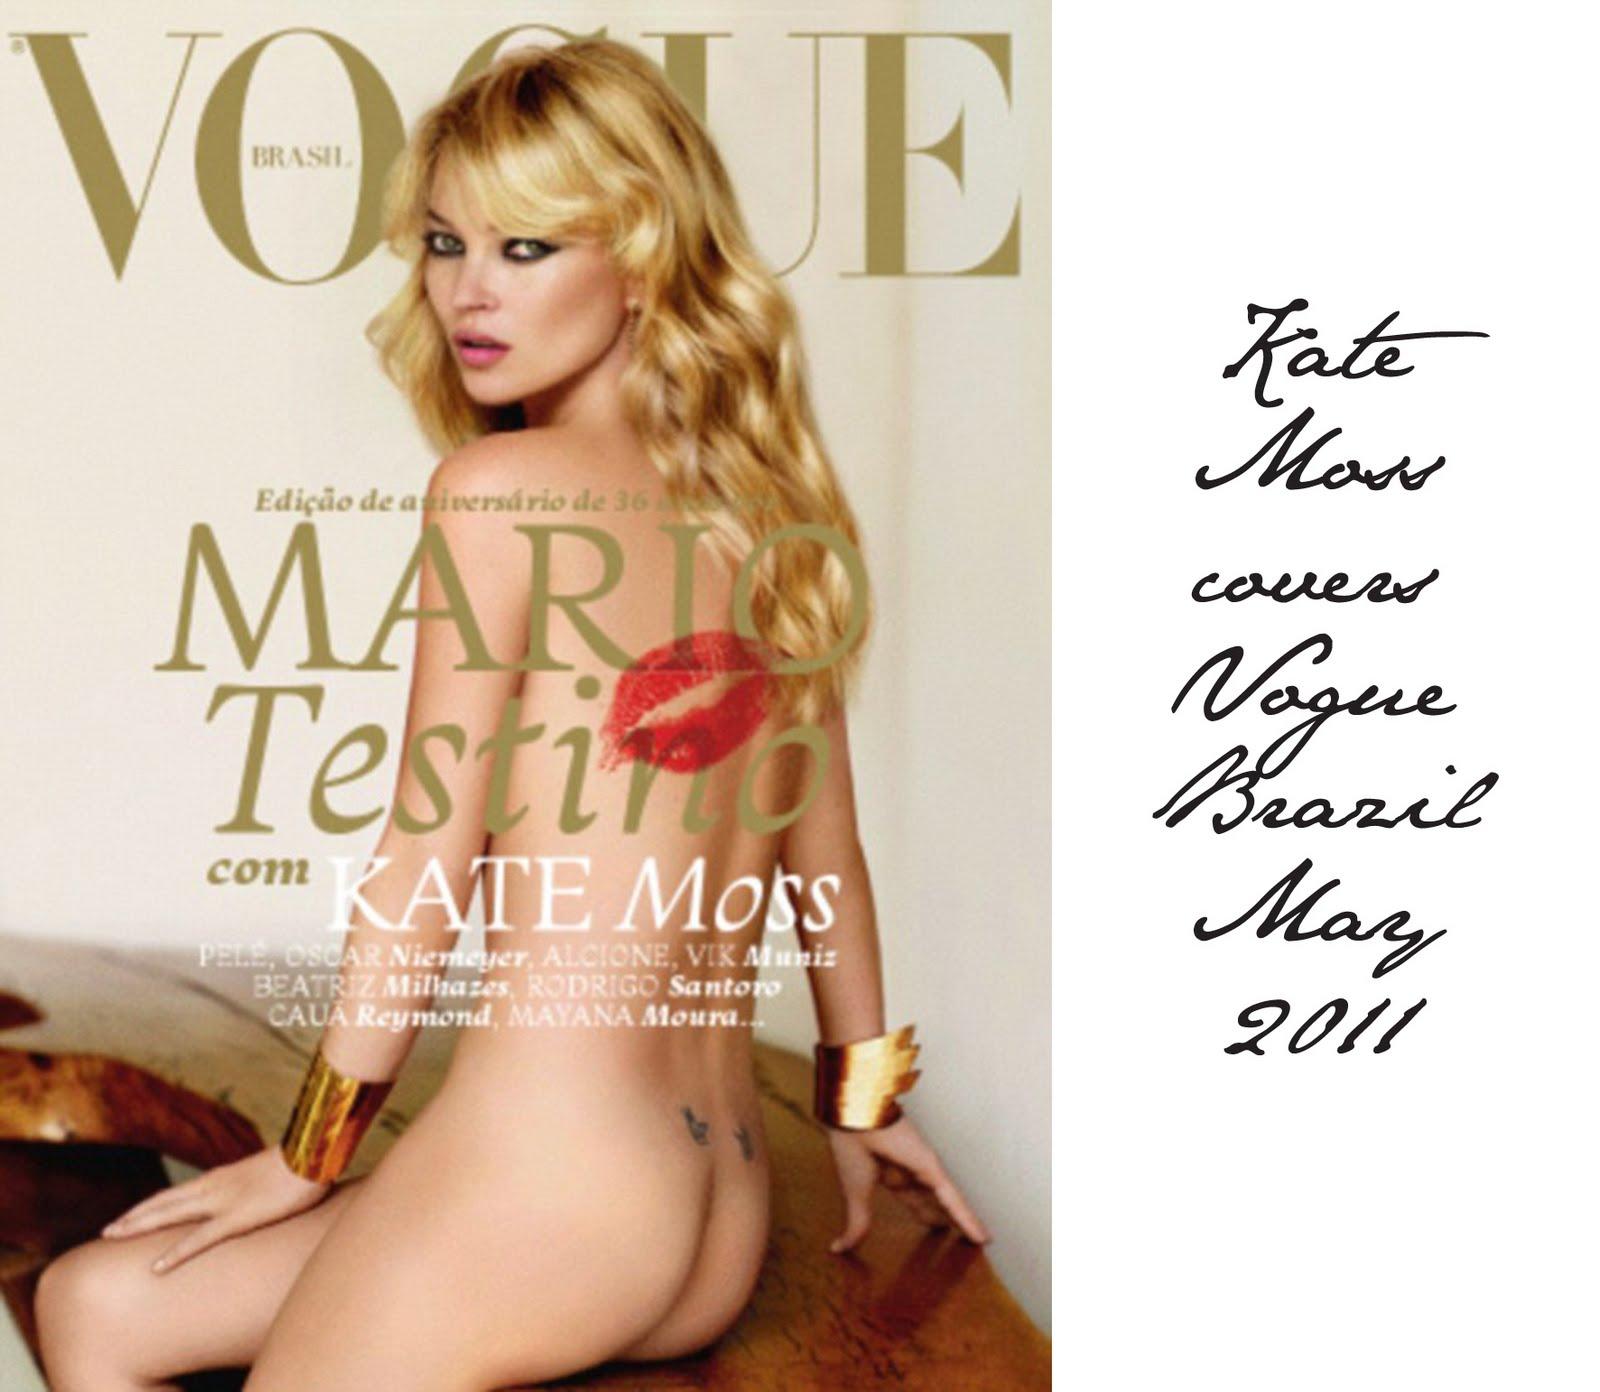 http://4.bp.blogspot.com/-p4PO9L3CJIo/Tb8ANPvLPpI/AAAAAAAASH4/qY7XCgE0ZuU/s1600/KAte+Moss+Vogue+Brazil.jpg